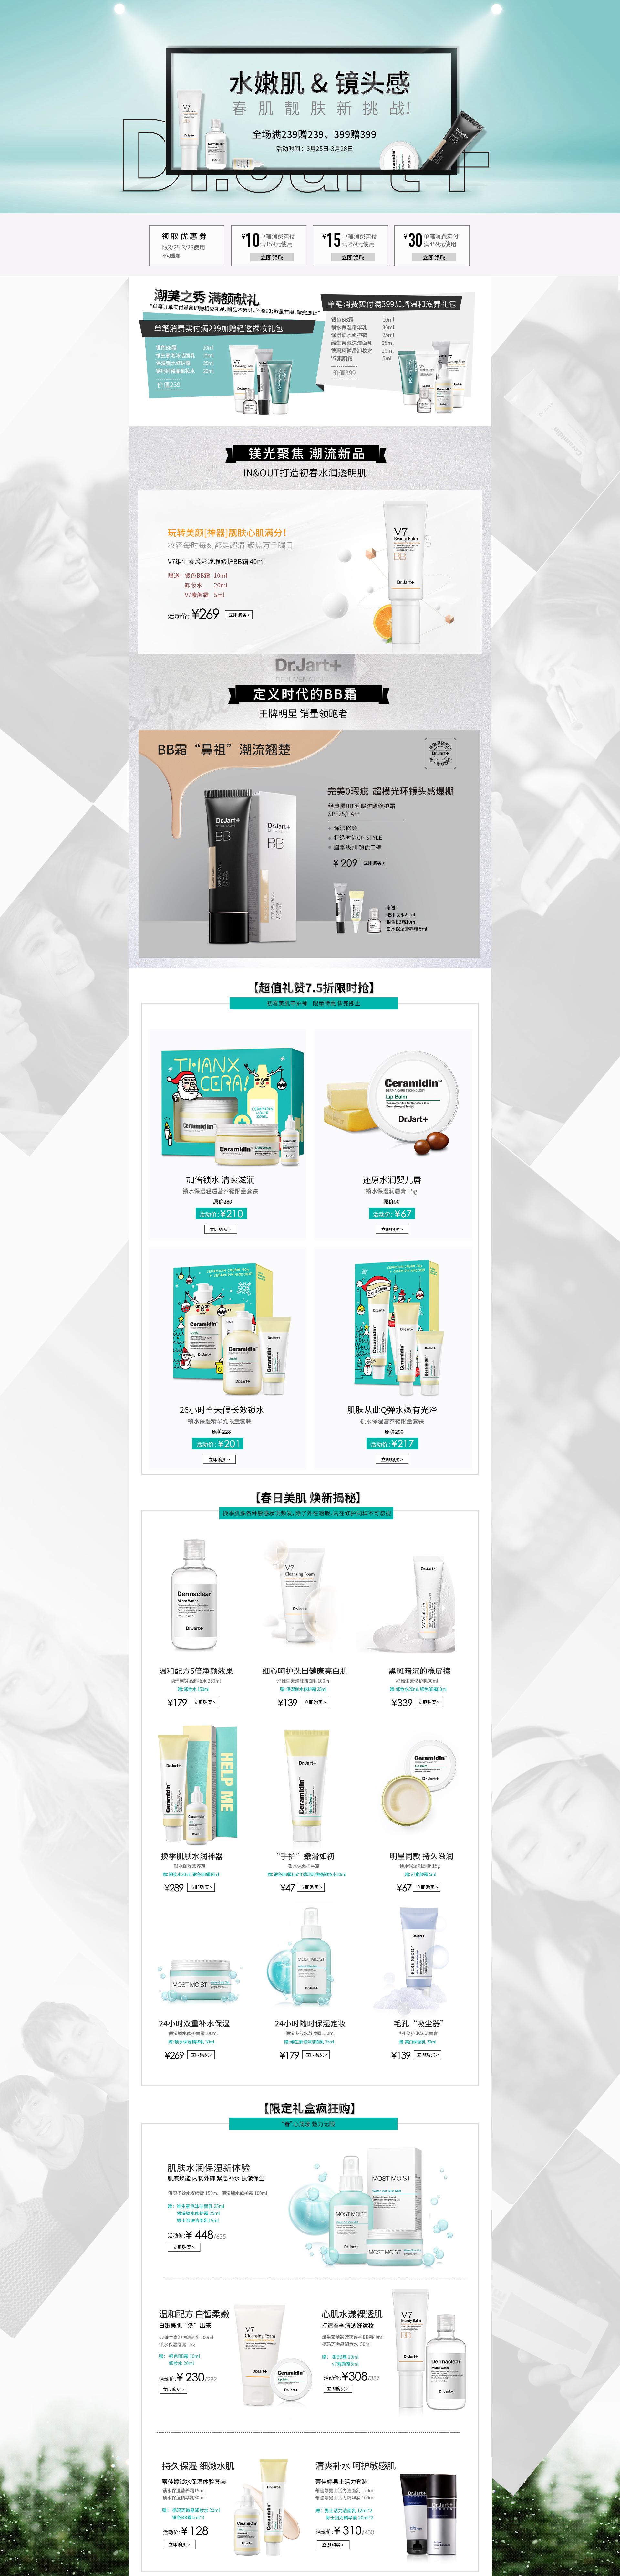 做僙�Y�f�x�~X��hY_一个韩妆品牌的几个页面|网页|电商|南榽 - 原创作品